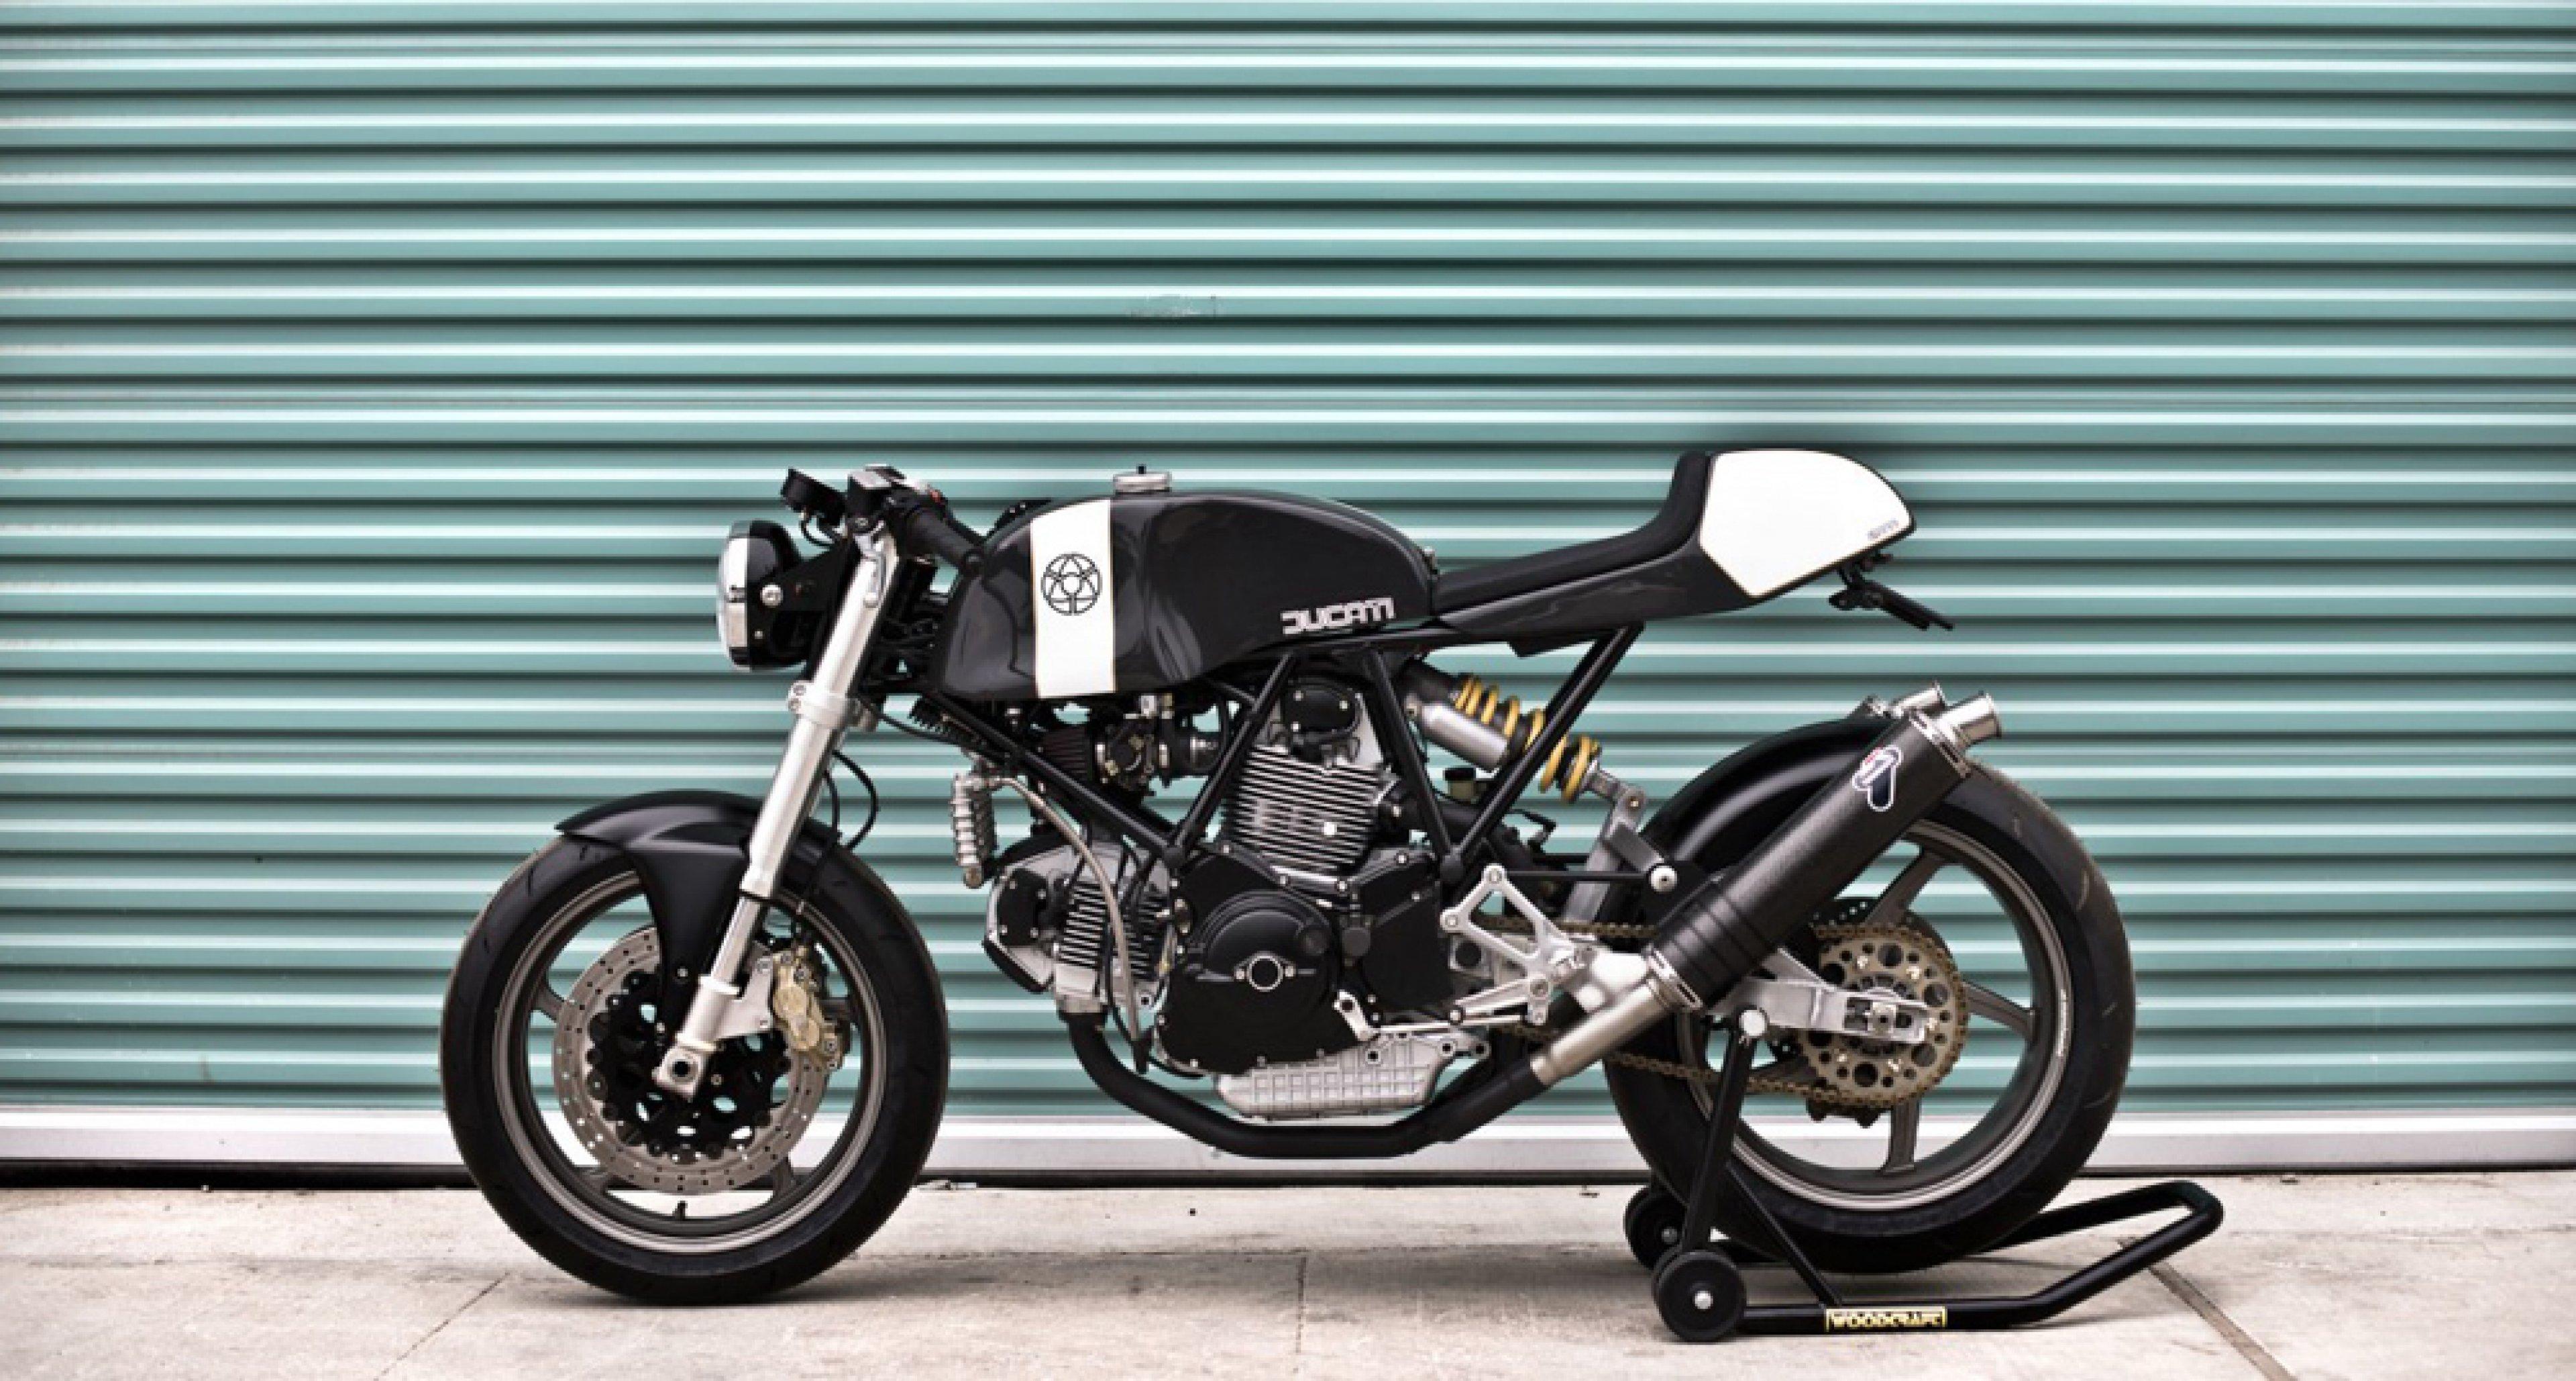 Ducati Leggero by Walt Siegl is one gorgeous lightweight